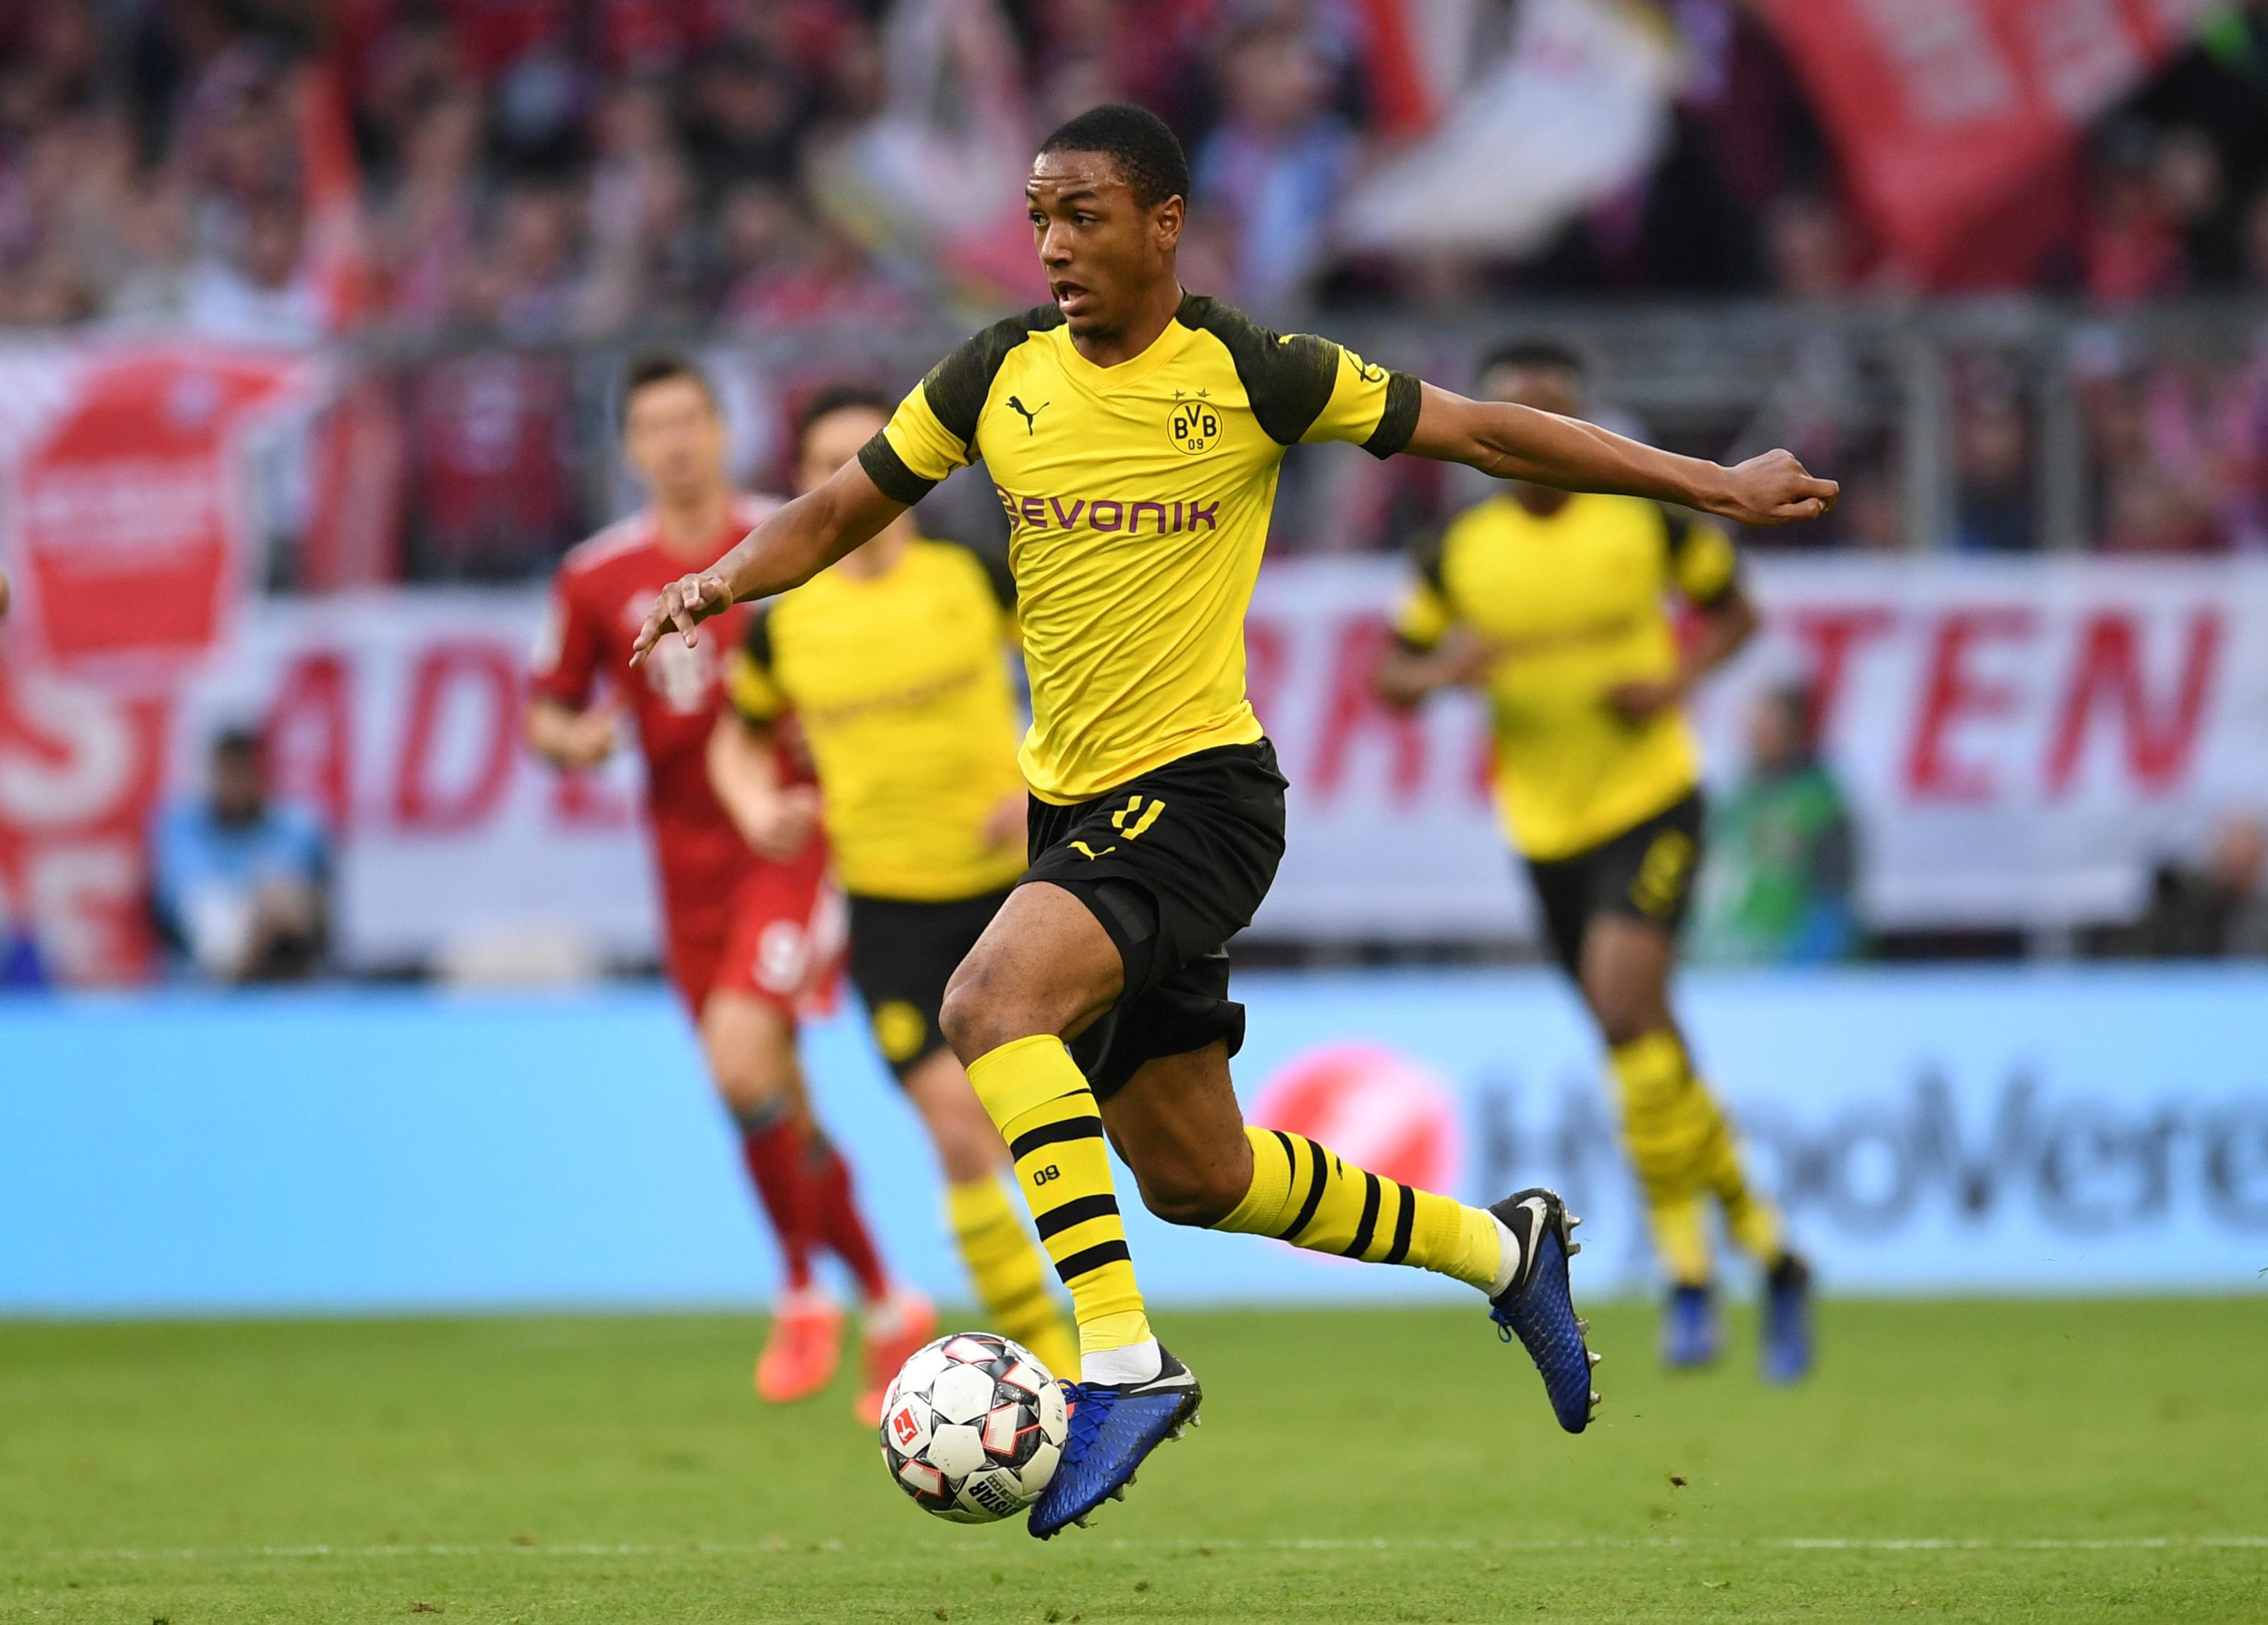 PSG sign defender Diallo from Dortmund   The Star Online